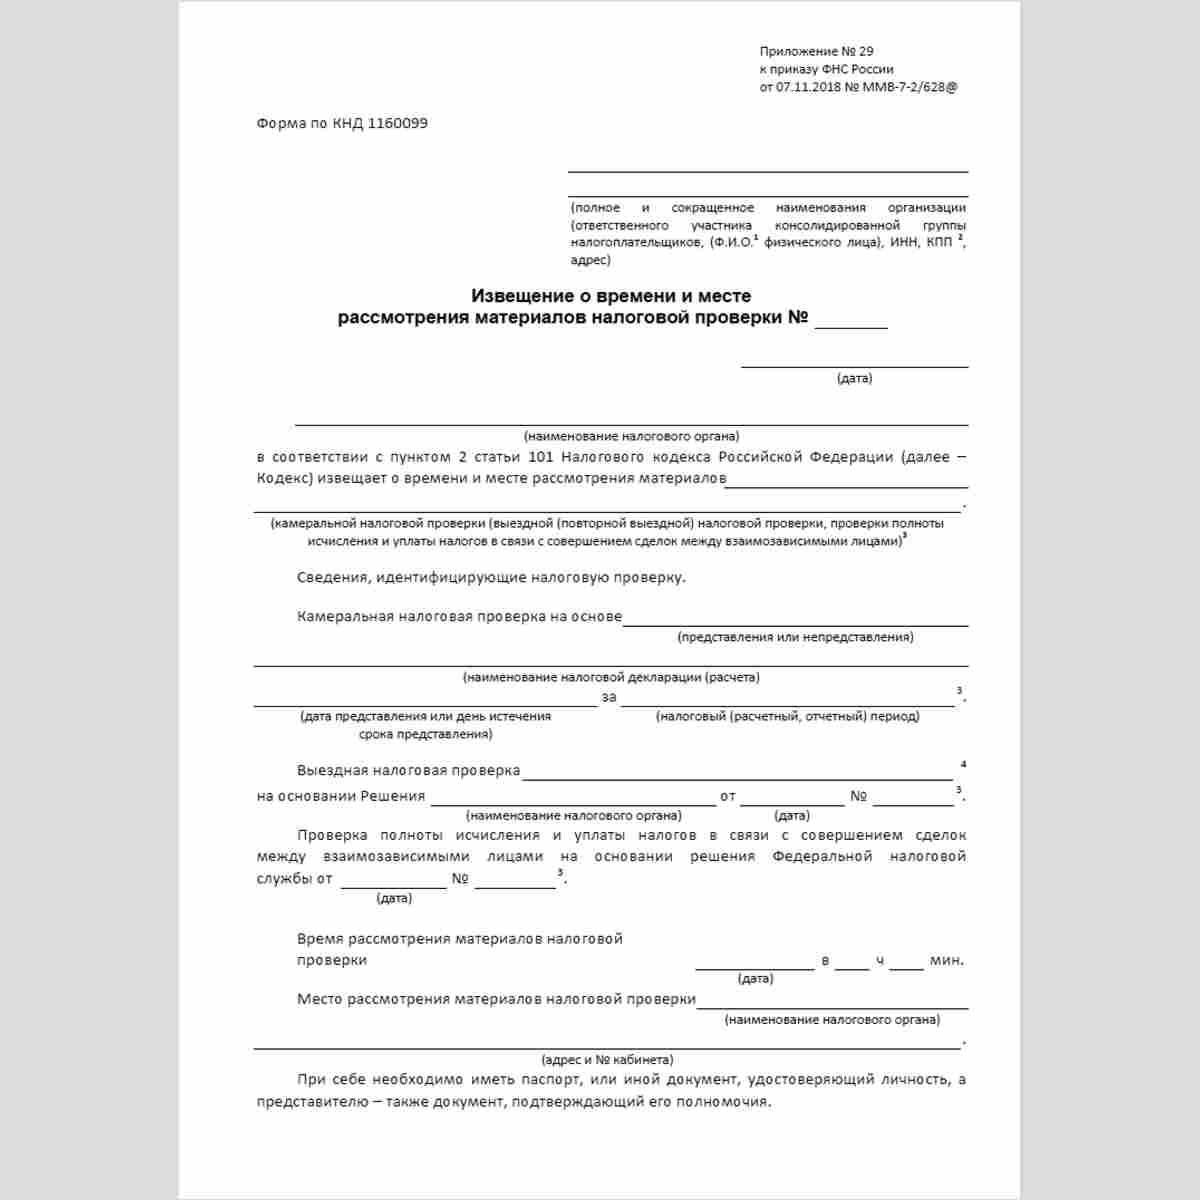 """Форма КНД 1160099 """"Извещение о времени и месте рассмотрения материалов налоговой проверки"""", Стр 1"""